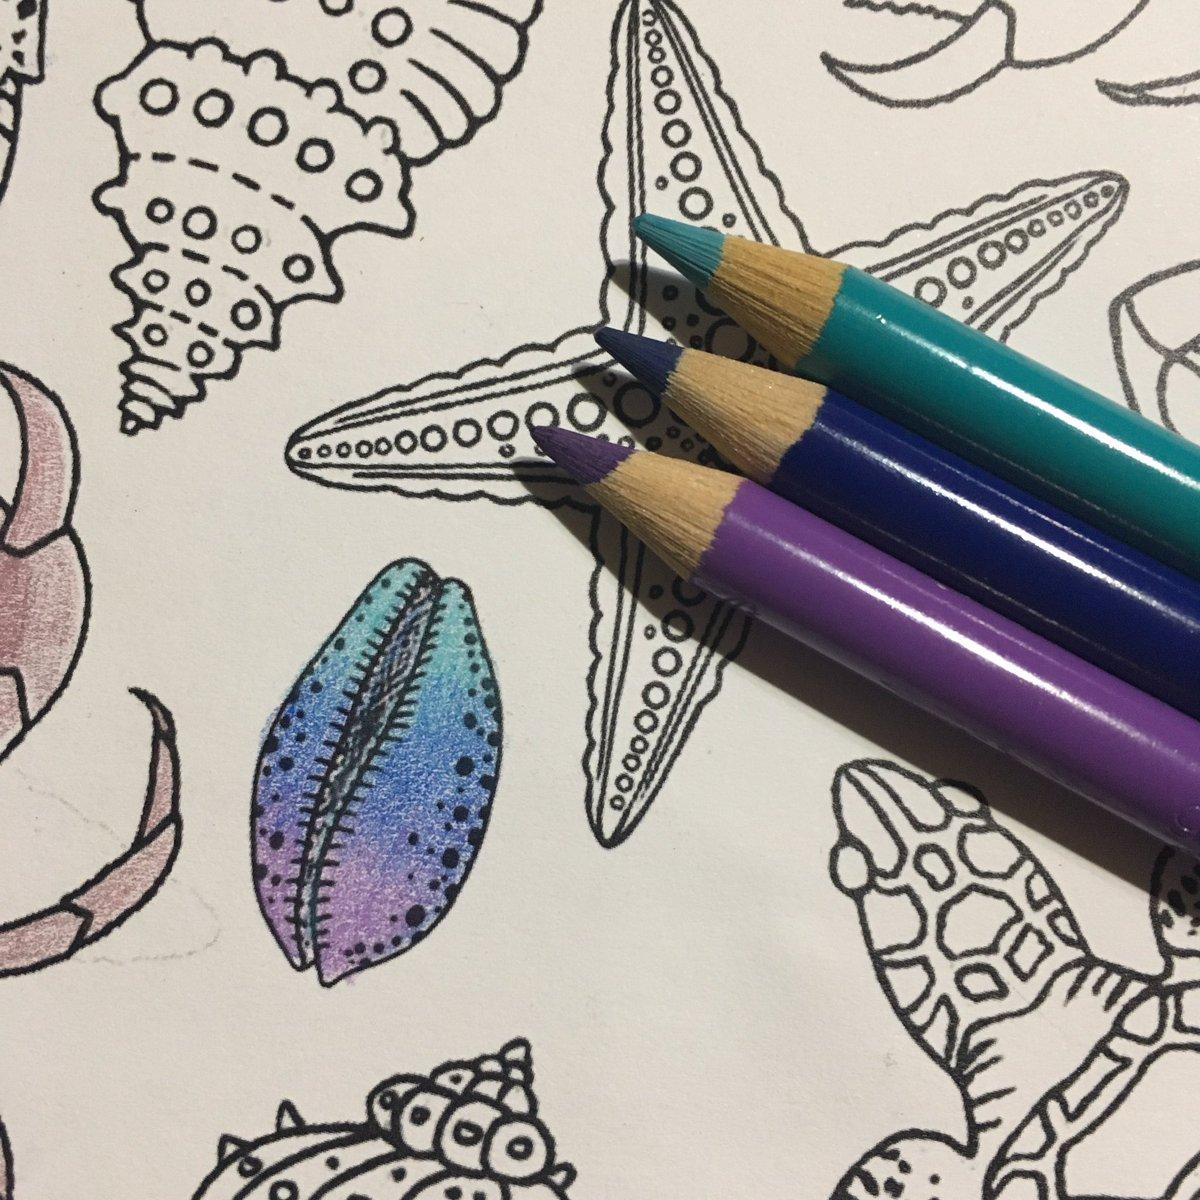 test ツイッターメディア - ダイソーの300円塗り絵「マリンライフ」の1ページを使ってファーバーカステル ポリクロモスの試し書き。色々なメーカーの色鉛筆を試してみたく3色だけバラ買いしてみました。硬い芯なのに重ね塗りができ評判通りの使いやすさでした。 #大人の塗り絵 #ダイソー #色鉛筆 #ポリクロモス https://t.co/6fPk08afH5